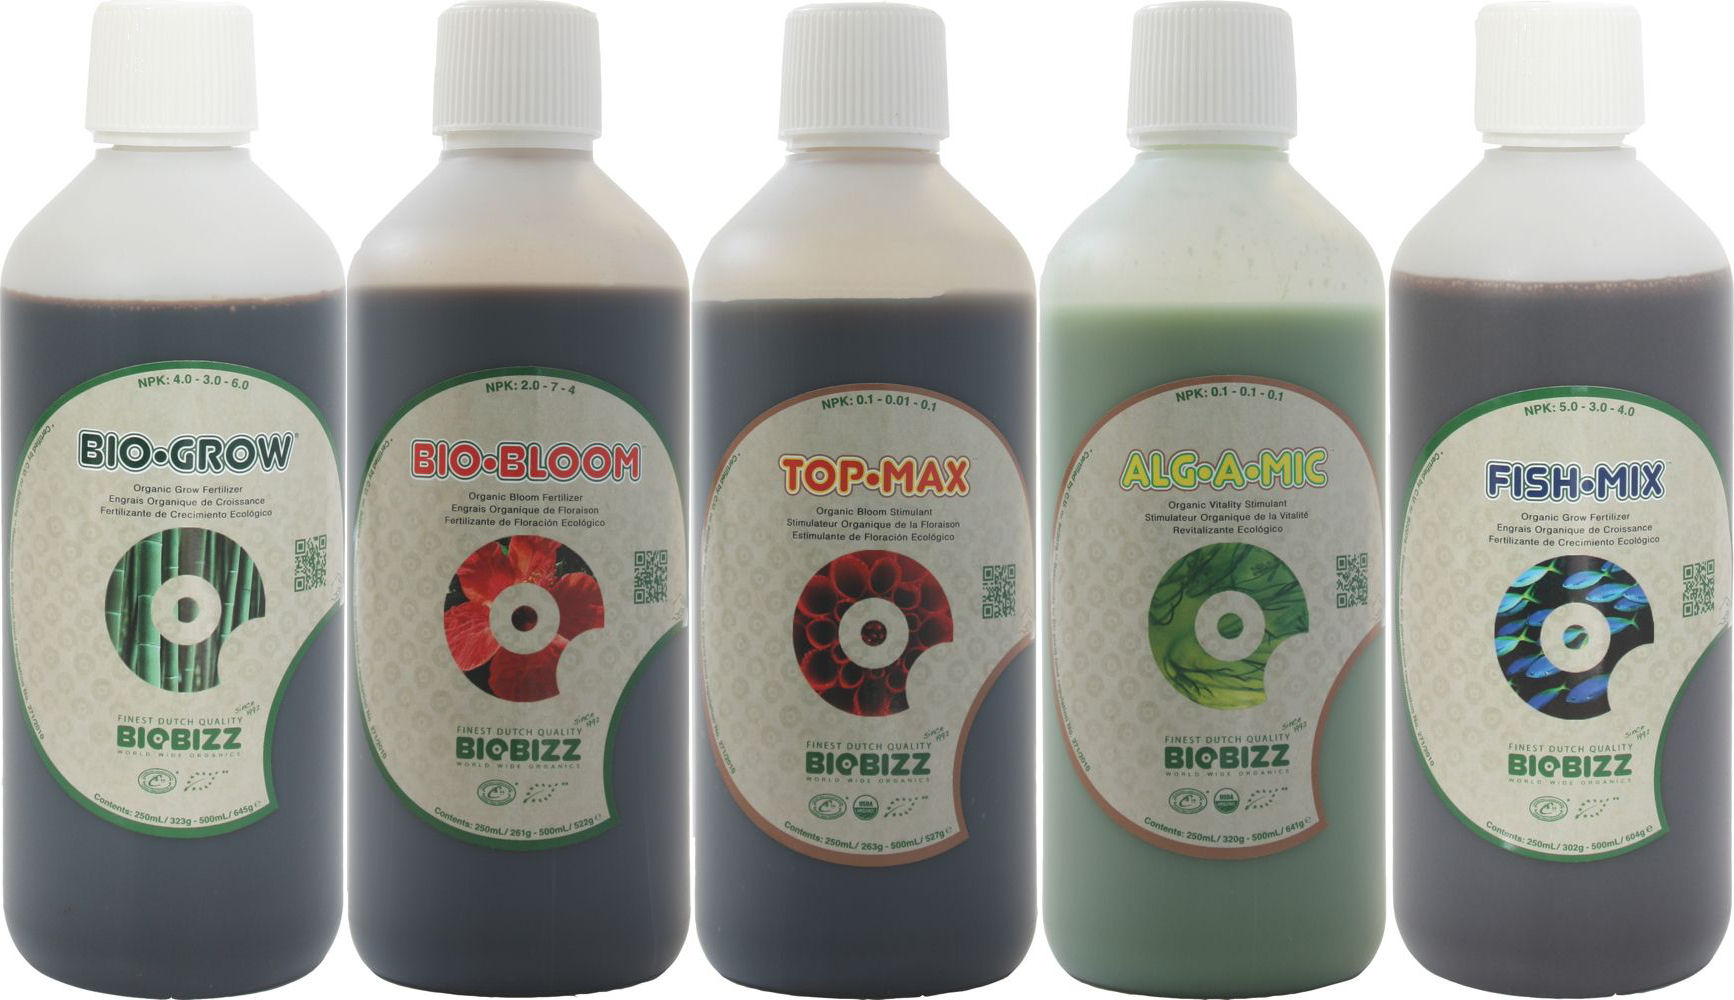 Biobizz fertilizer, a GREAT choice for fertilizing chile peppers!